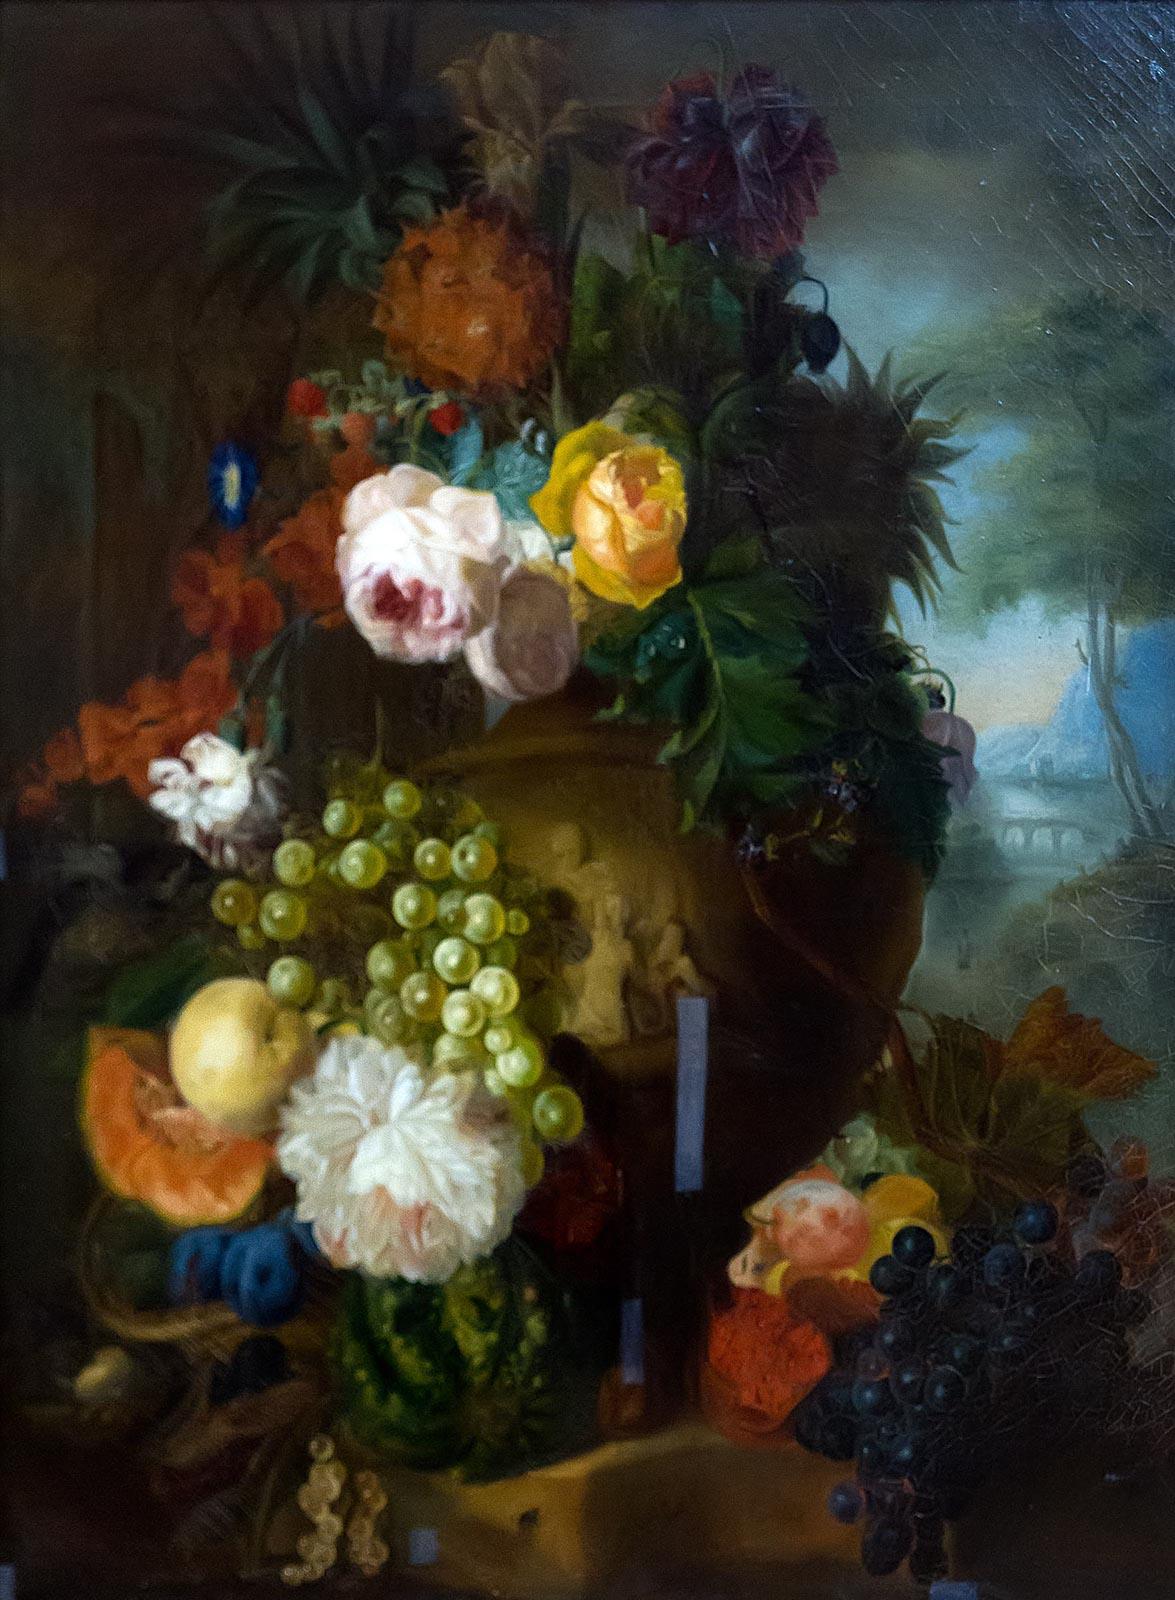 Фото №211309. ХЕЙСУМ ЯН ВАН (?). 1682 - 1749 Голландия ЦВЕТЫ И ФРУКТЫ Холст, масло